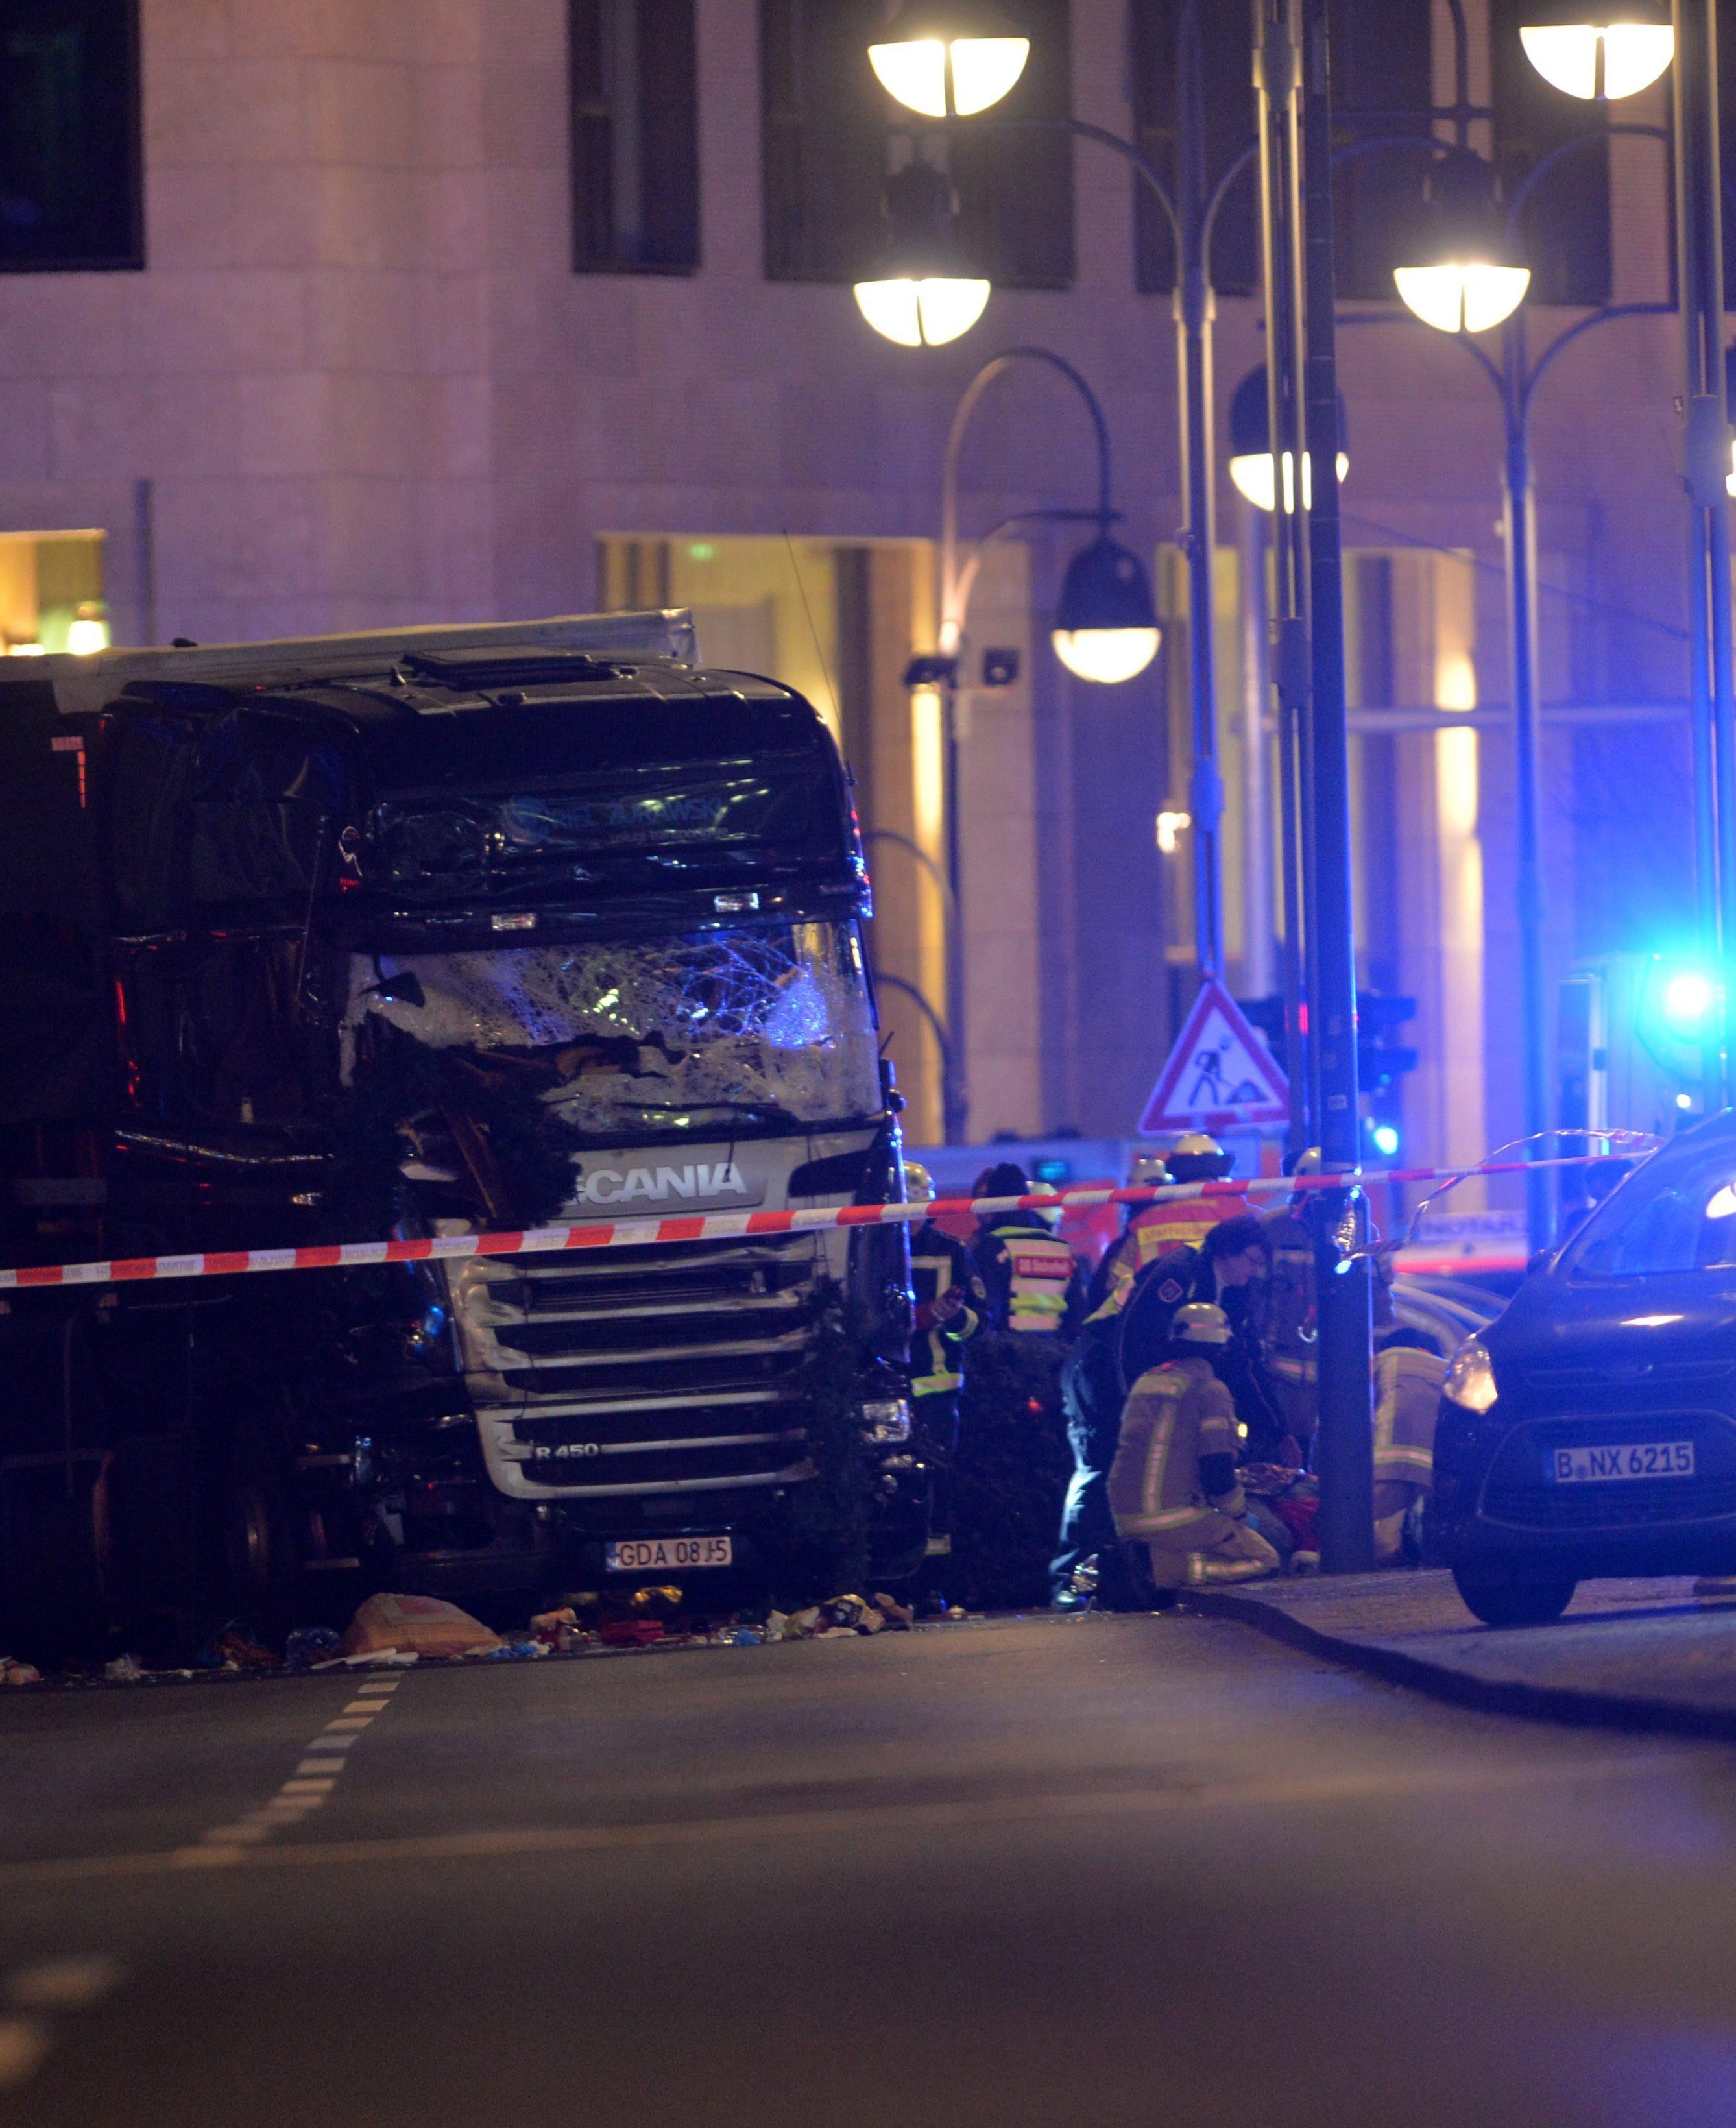 BER12. BERLÍN (ALEMANIA), 18/12/2016.- Equipos de rescate trabajan hoy, lunes 19 de diciembre de 2016, en la zona en la que un camión se estrelló contra un mercado de Navidad, cerca de la iglesia conmemorativa Kaiser Wilhelm en Berlín, (Alemania). Según la policía, un hombre fue reportado muerto por lo que la policía sospecha que se trató de un Ataque deliberado. EFE / PAUL ZINKEN